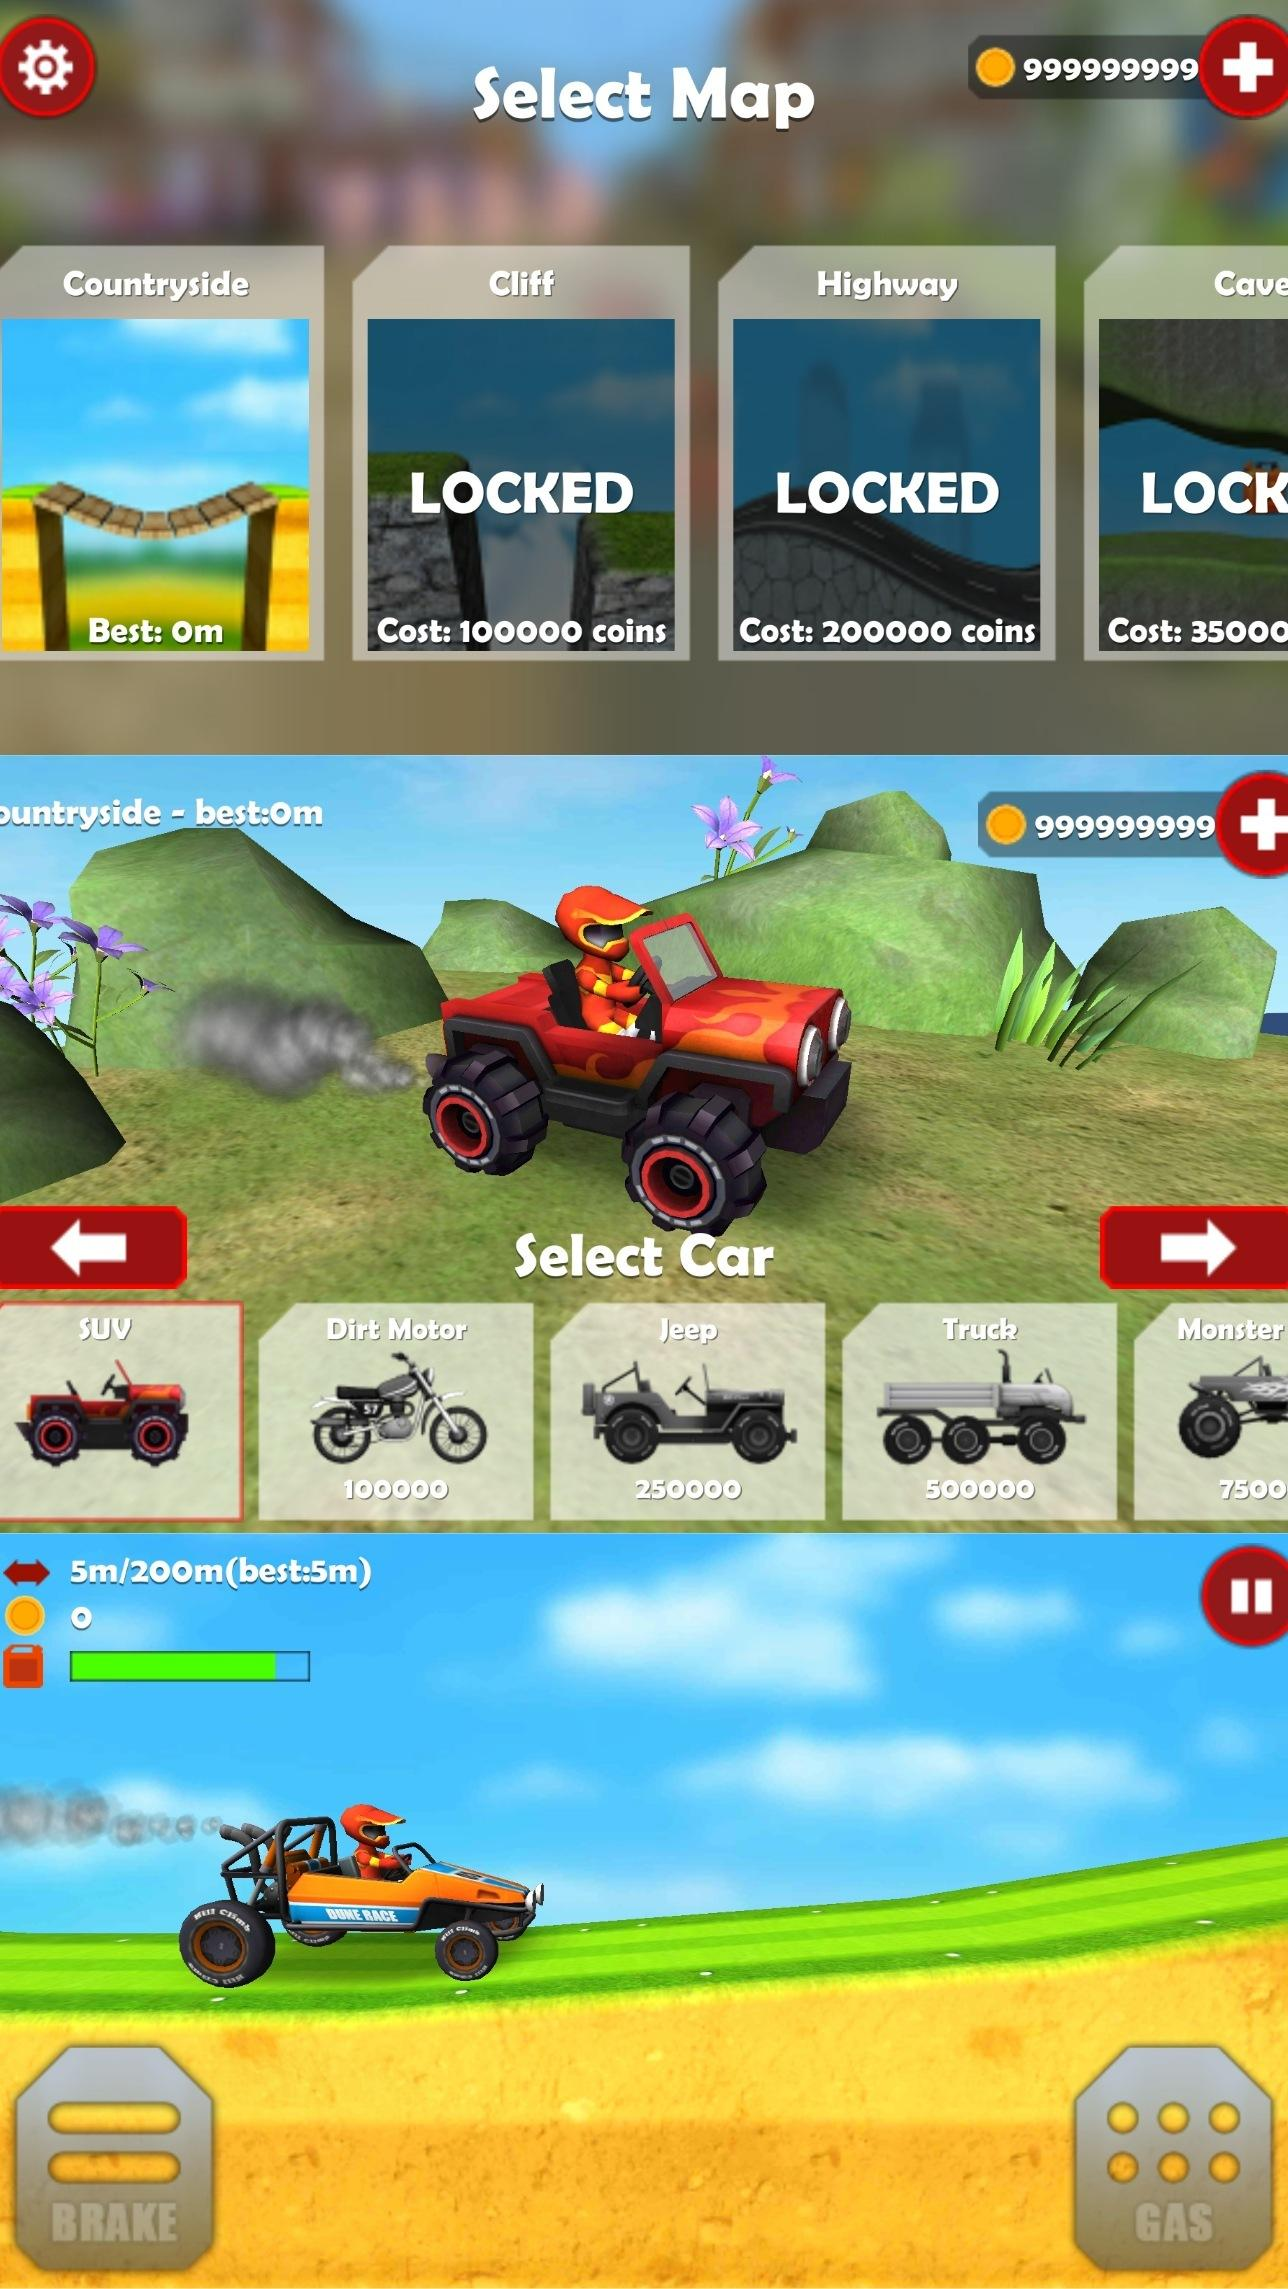 山地越野车3D优化版截图1